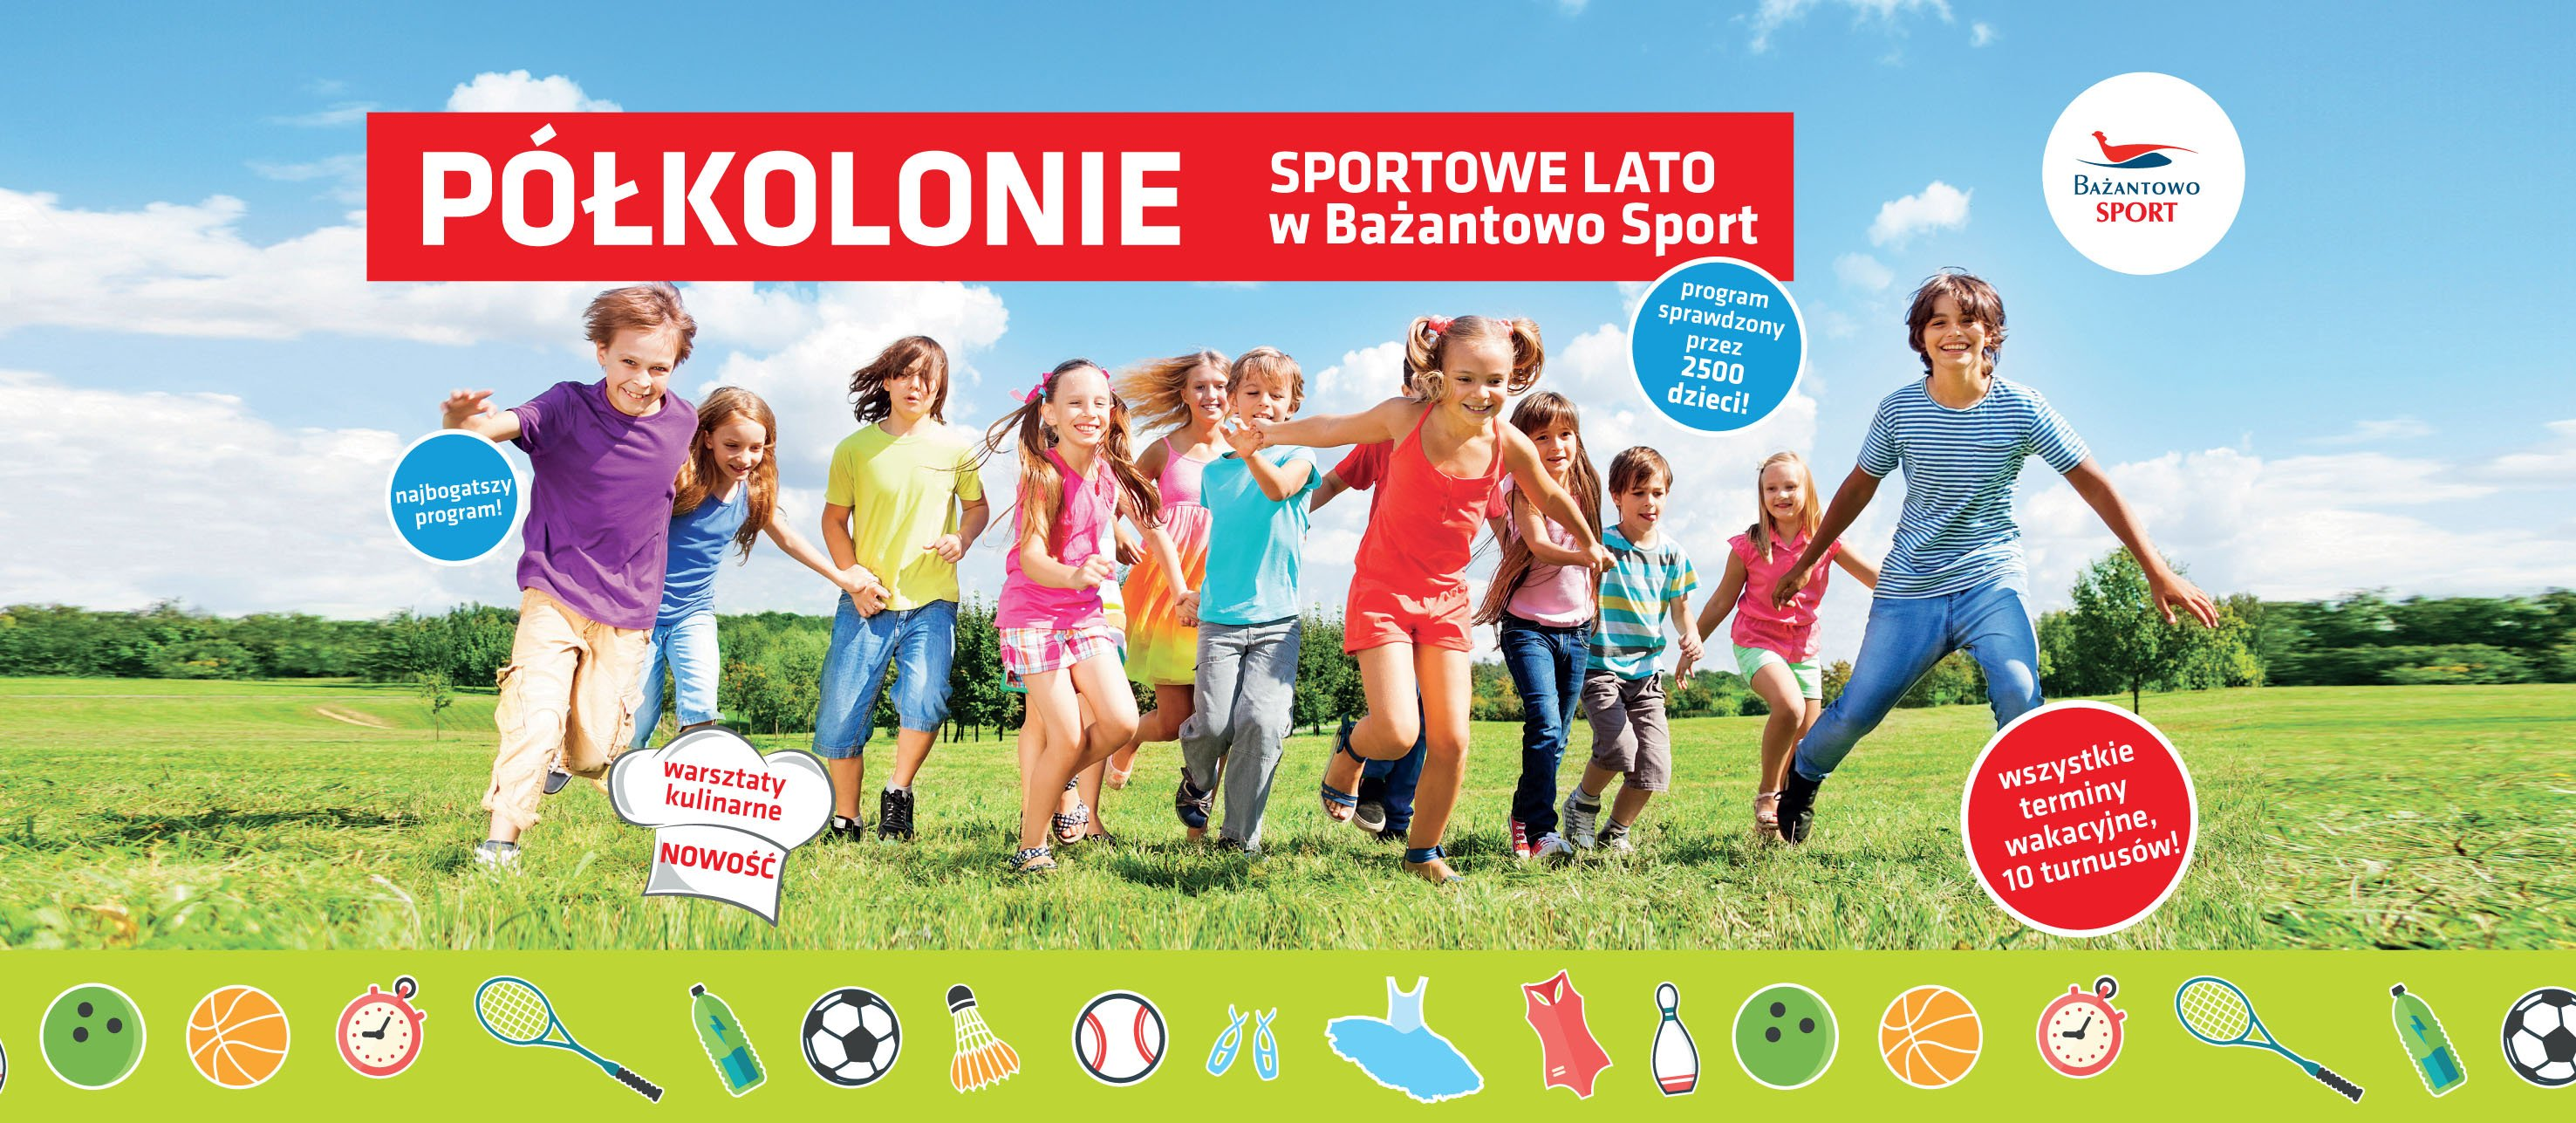 Sportowe półkolonie w Bażantowo Sport Katowice